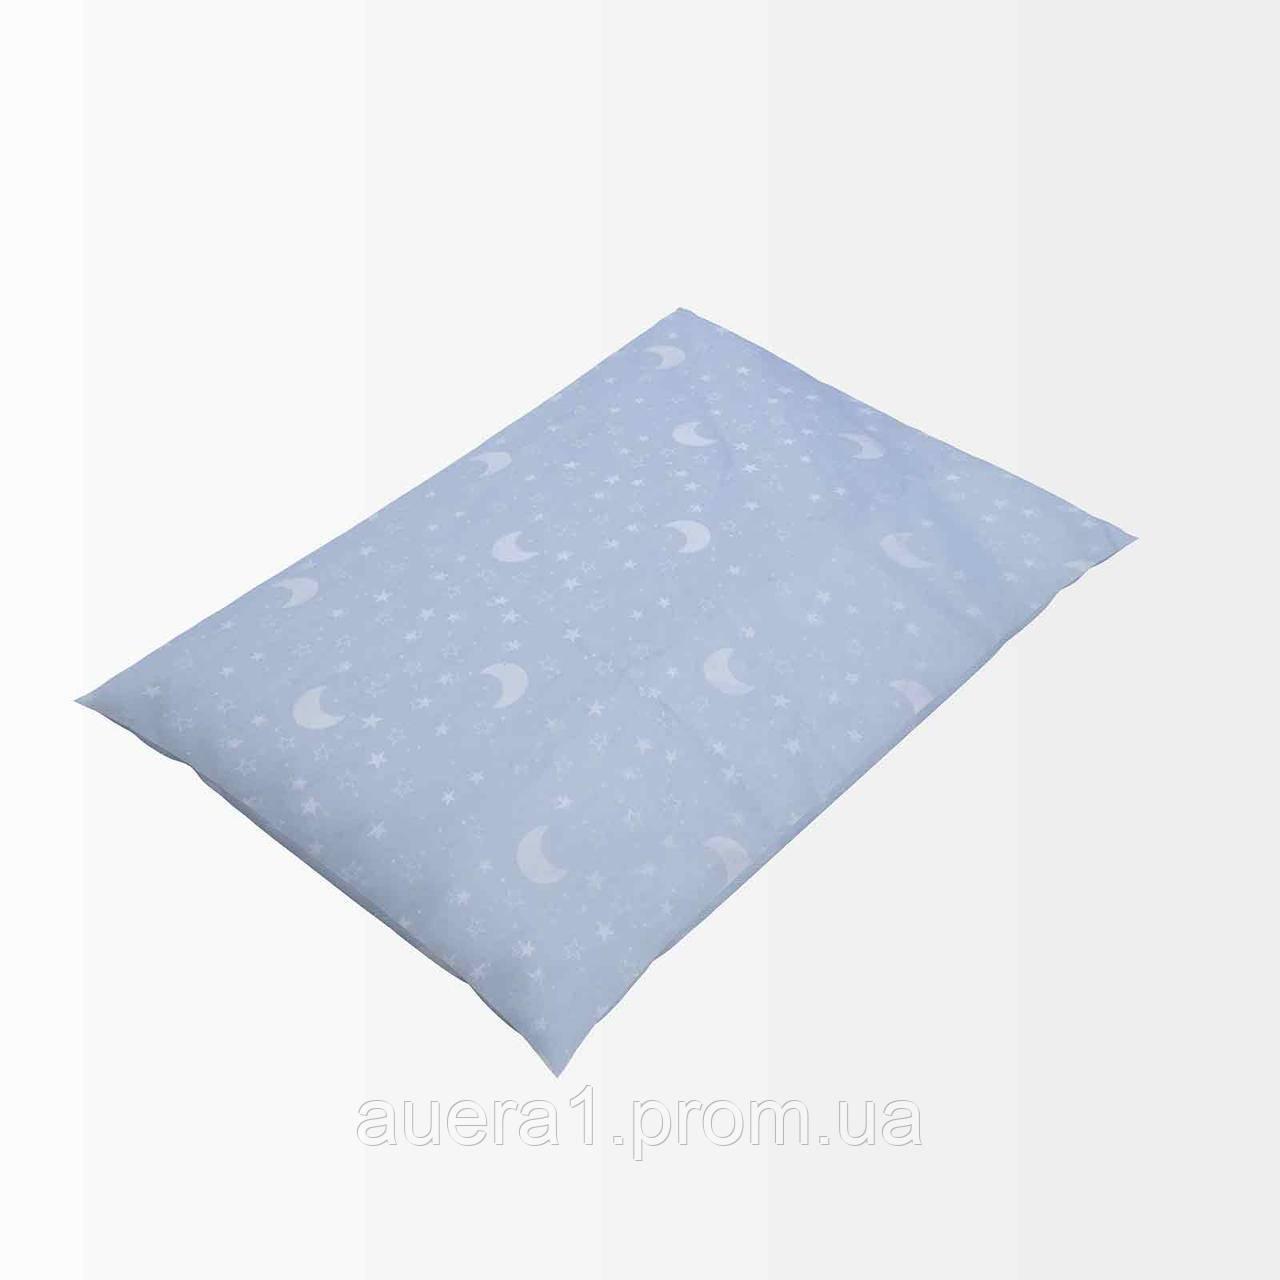 Напірник тік з кантом 52 блакитний 40х60(р) 100% блискавка